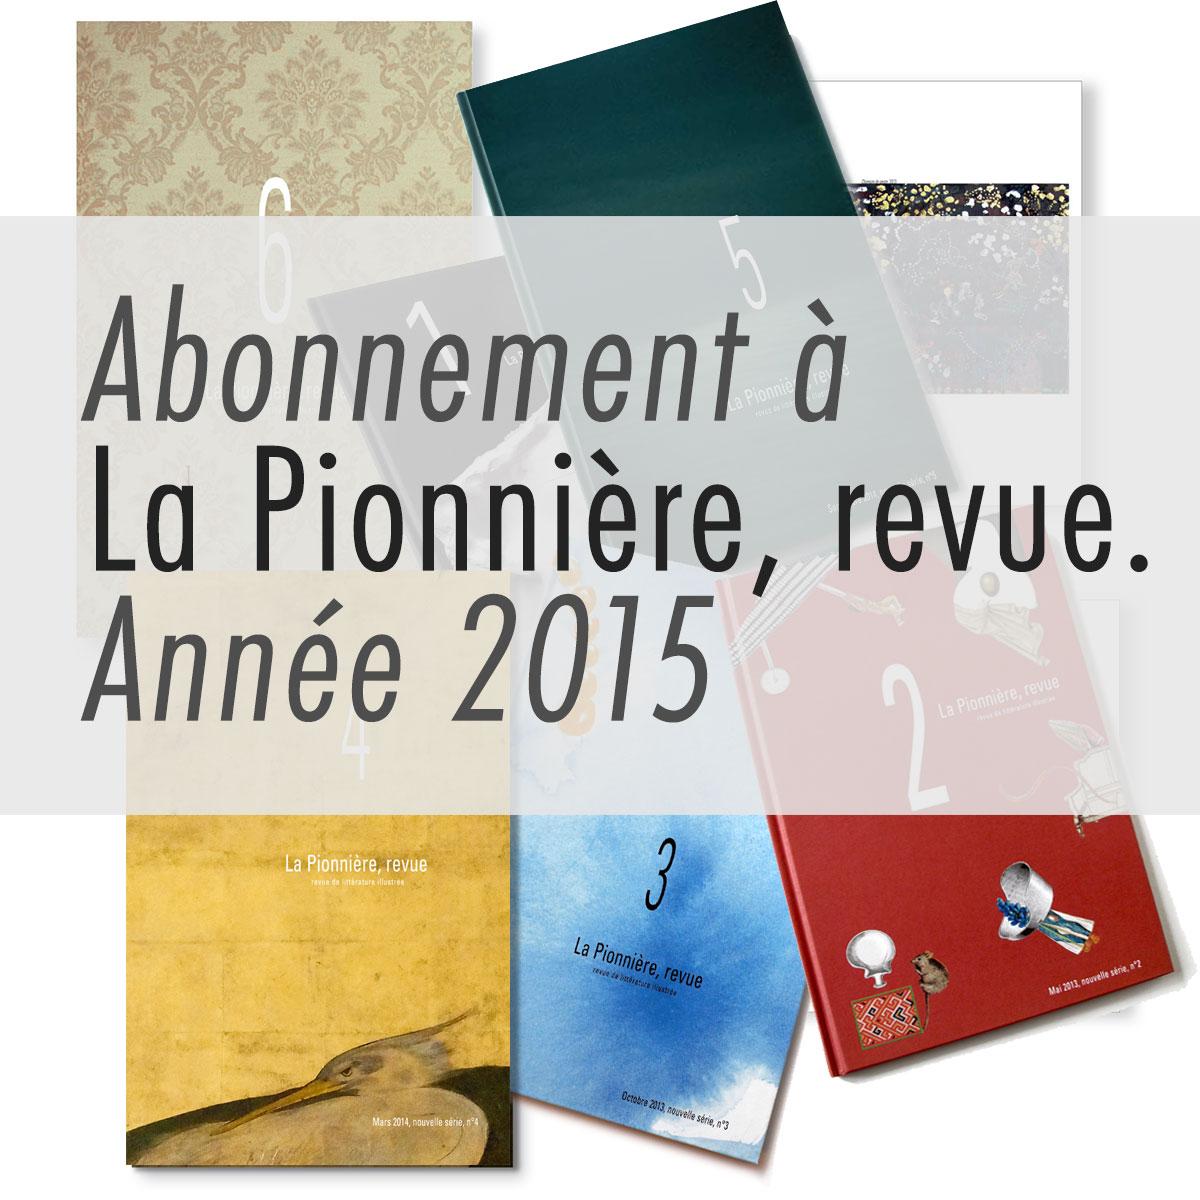 Abonnement à la Pionnière, revue-2015